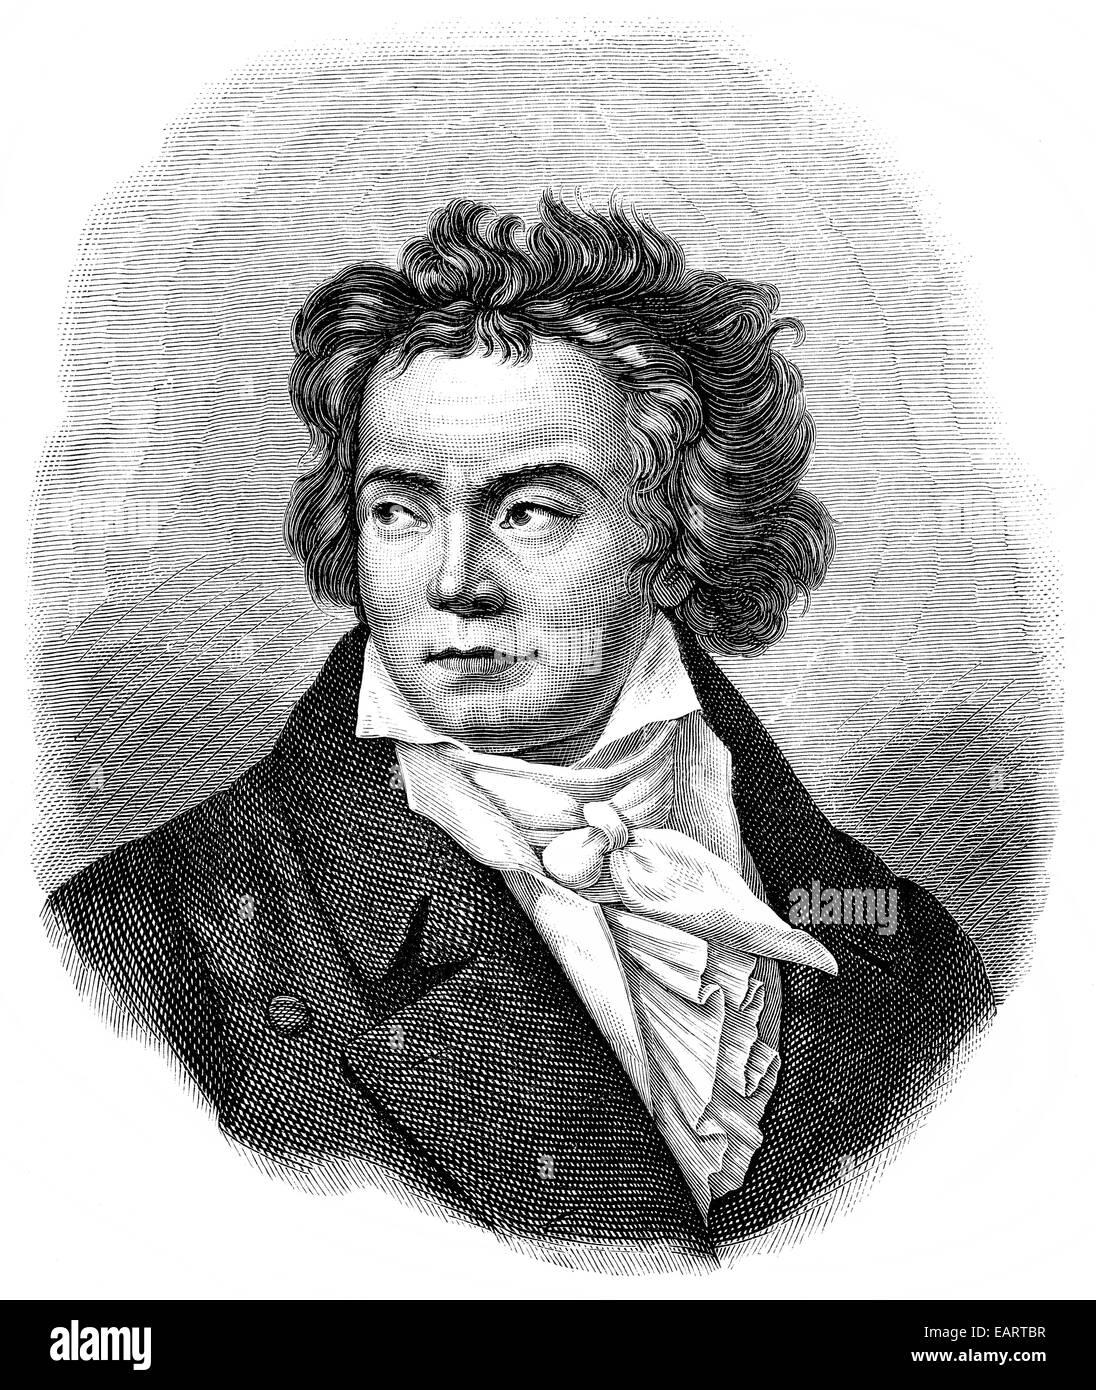 Ludwig van Beethoven, 1770 -1827, a German composer of the First Viennese School, Historische Zeichnung aus dem - Stock Image